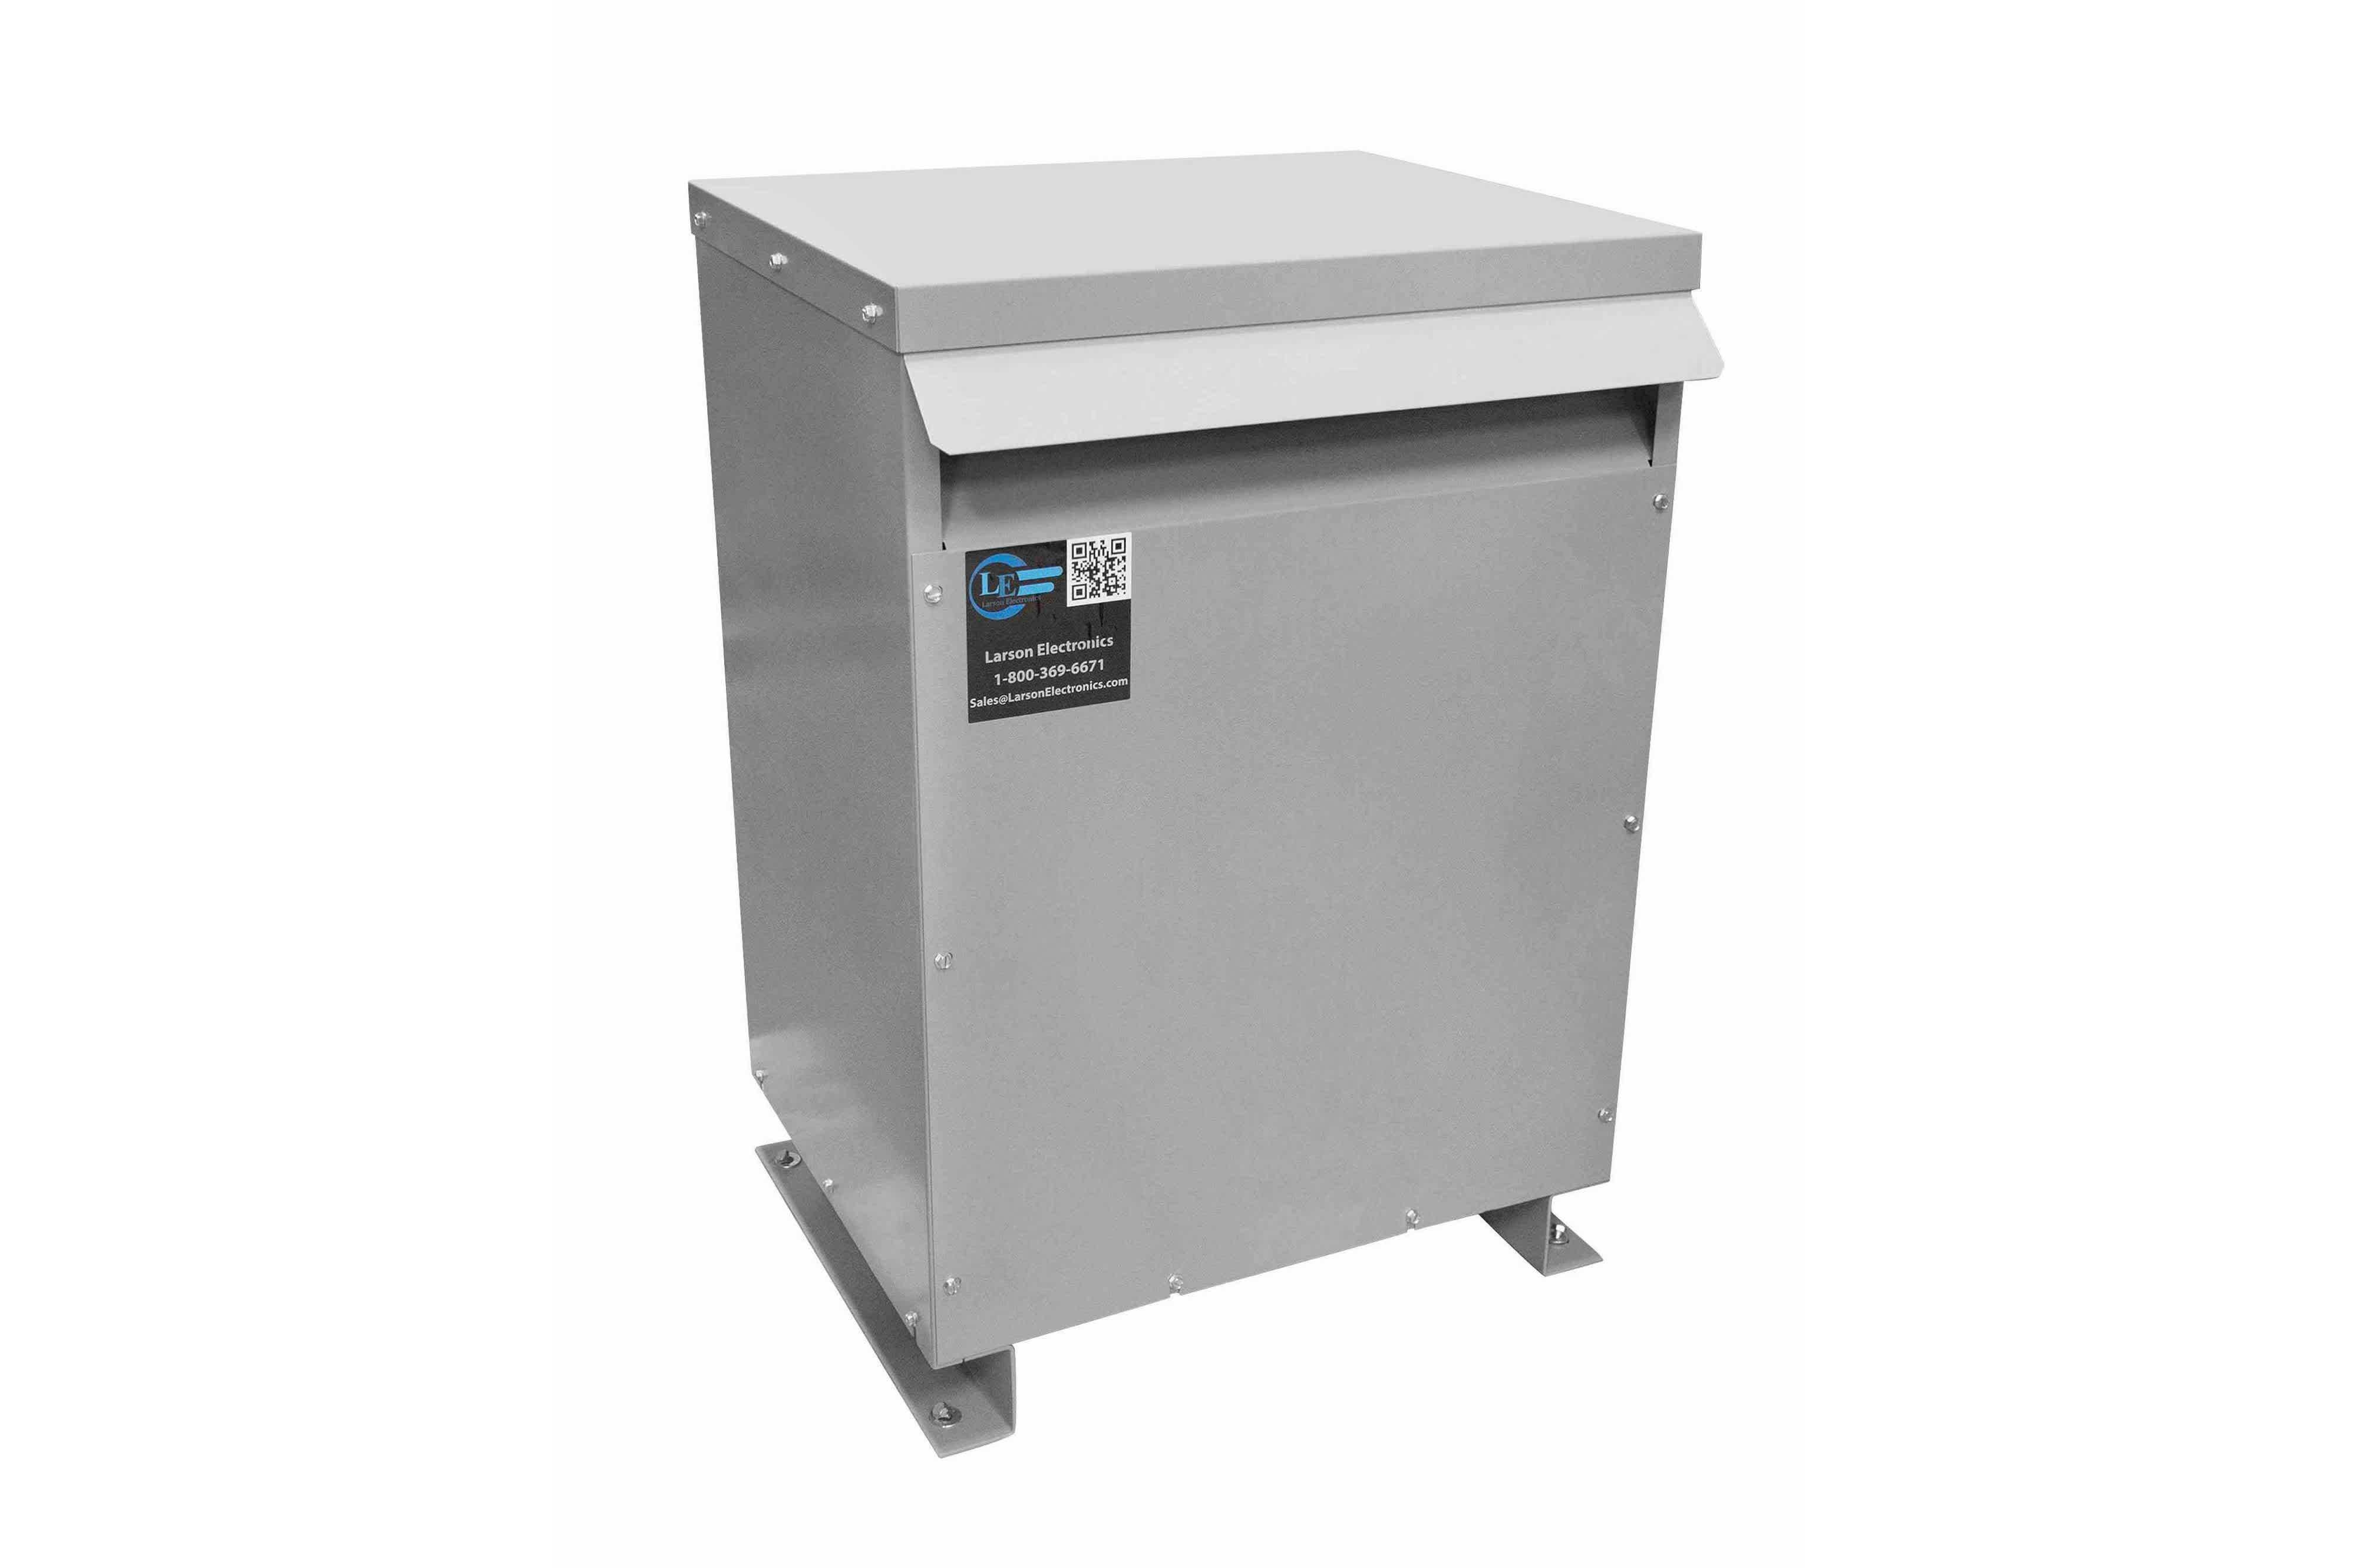 12 kVA 3PH Isolation Transformer, 575V Delta Primary, 480V Delta Secondary, N3R, Ventilated, 60 Hz